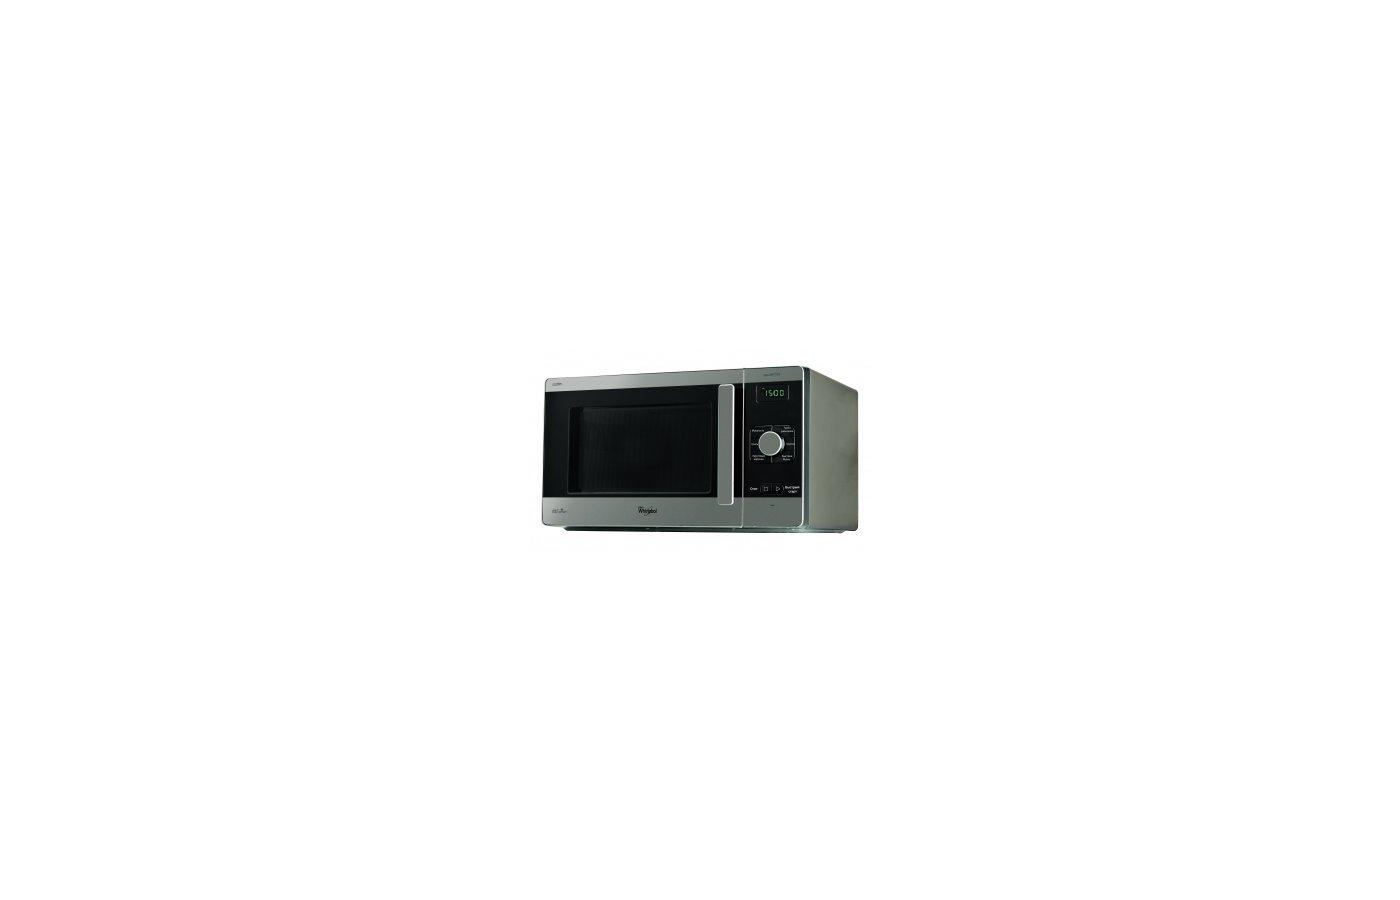 Микроволновая печь WHIRLPOOL GT 285 IX